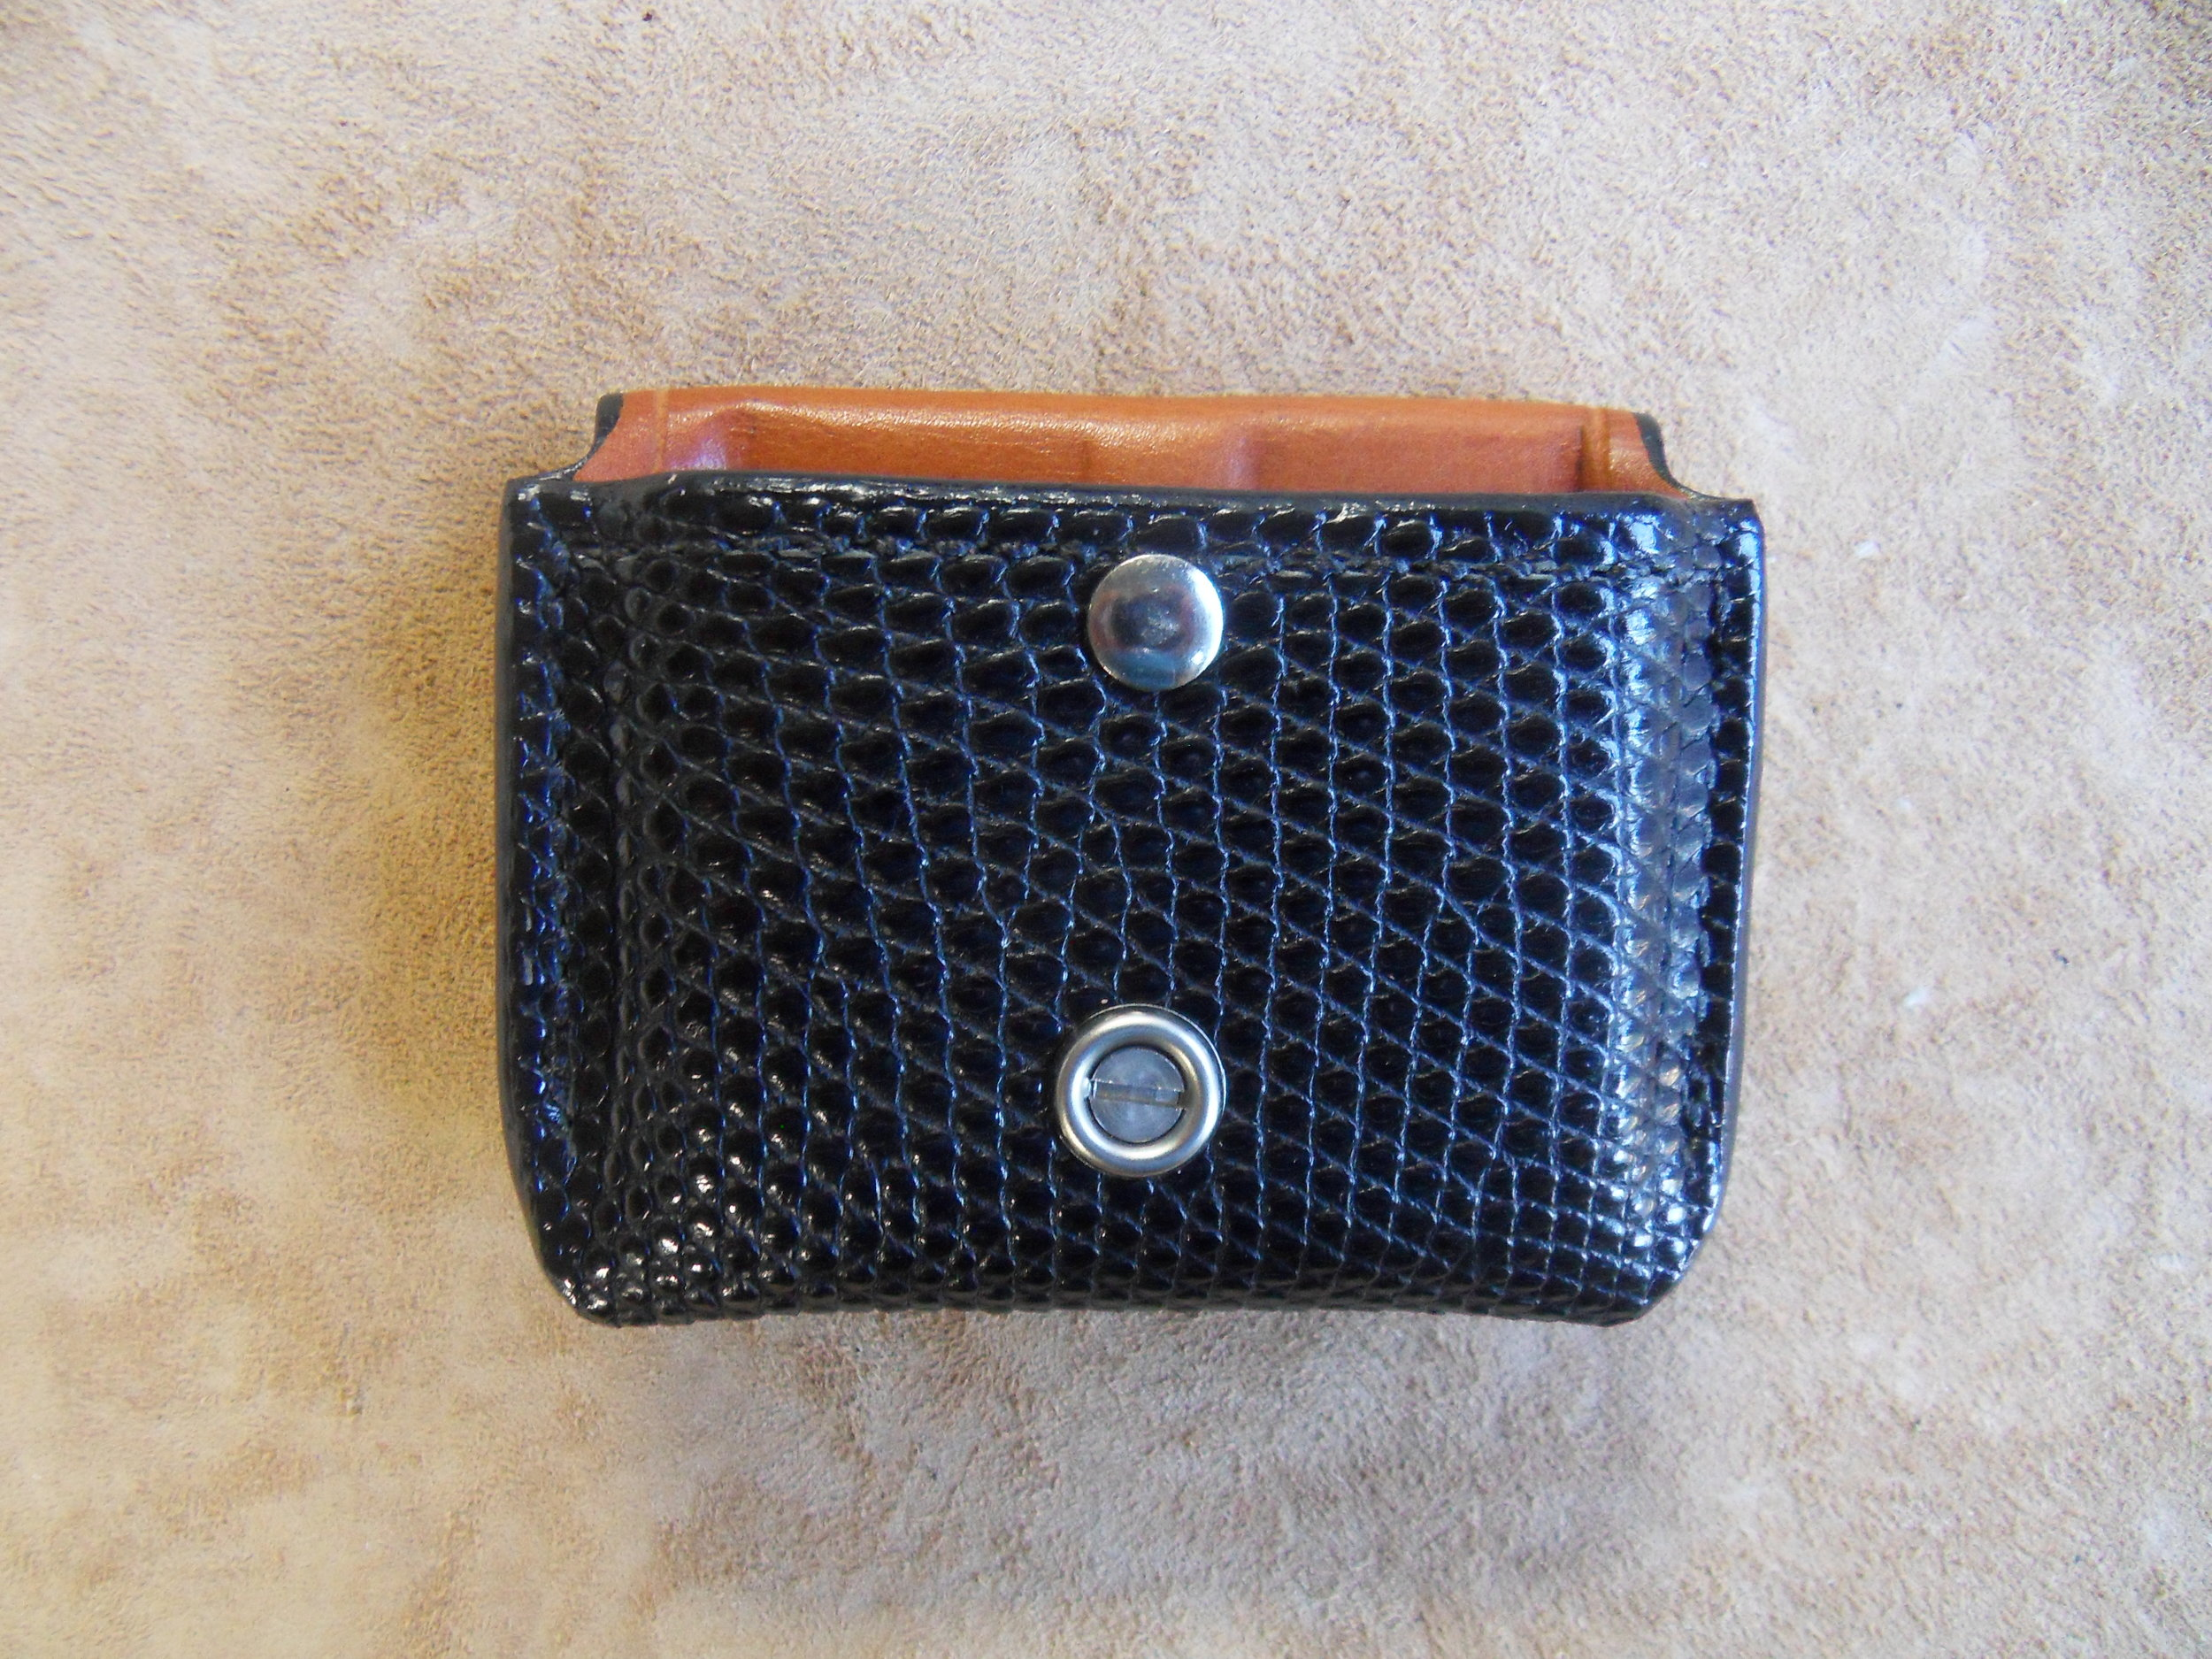 8683 - .45 Auto, Black Monitor Lizard, $145.00